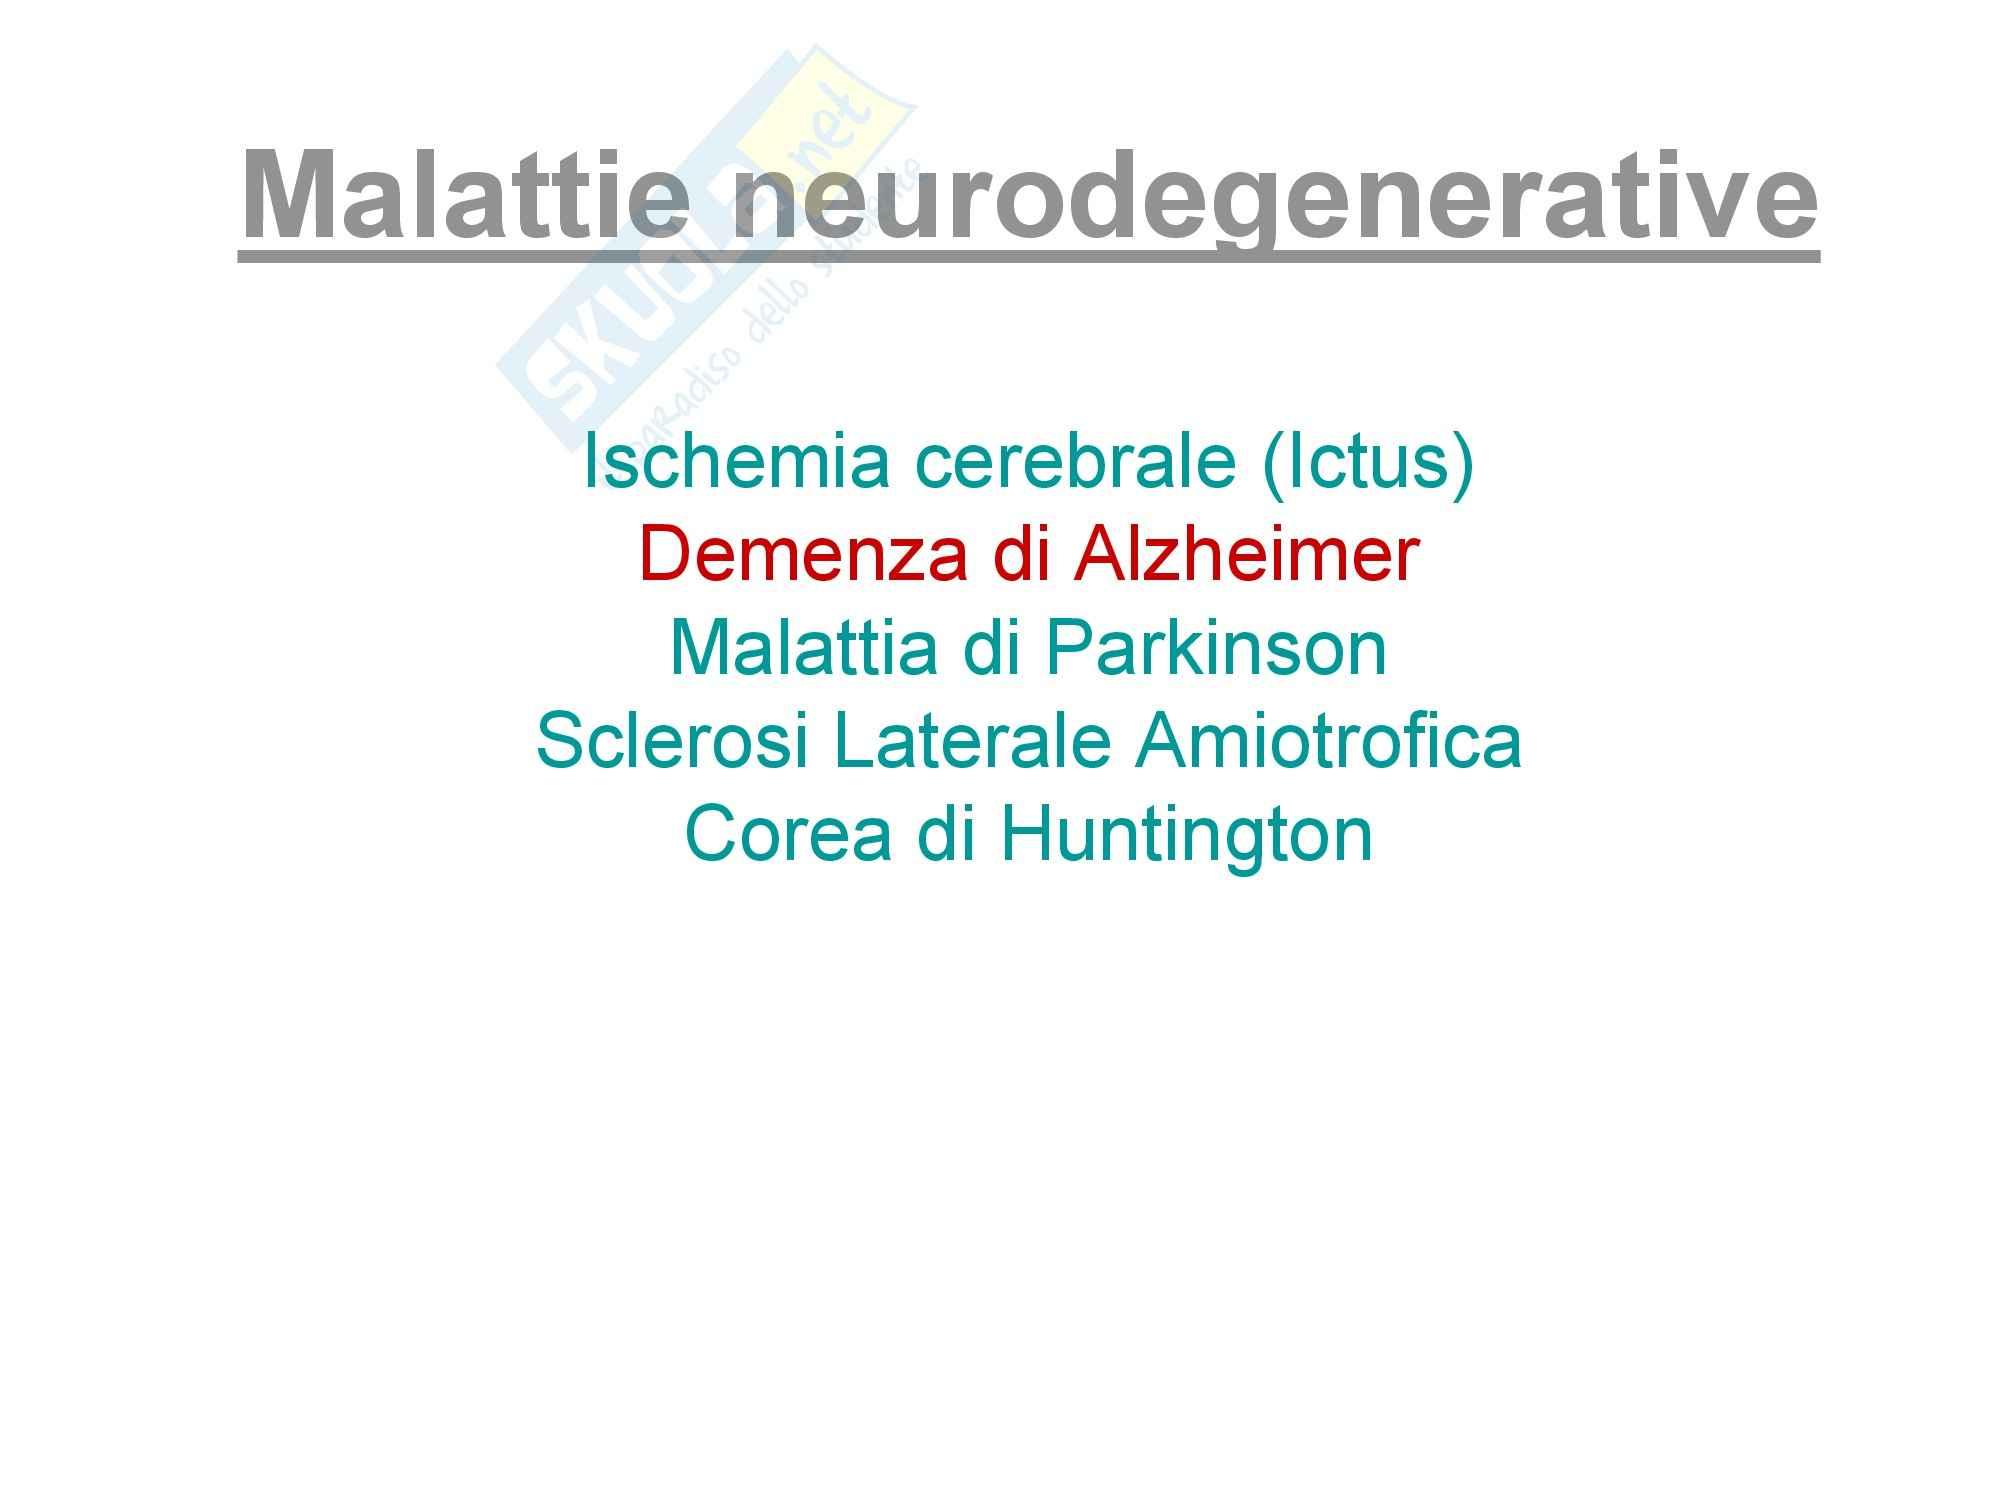 Farmacologia - Malattie neurodegenerative